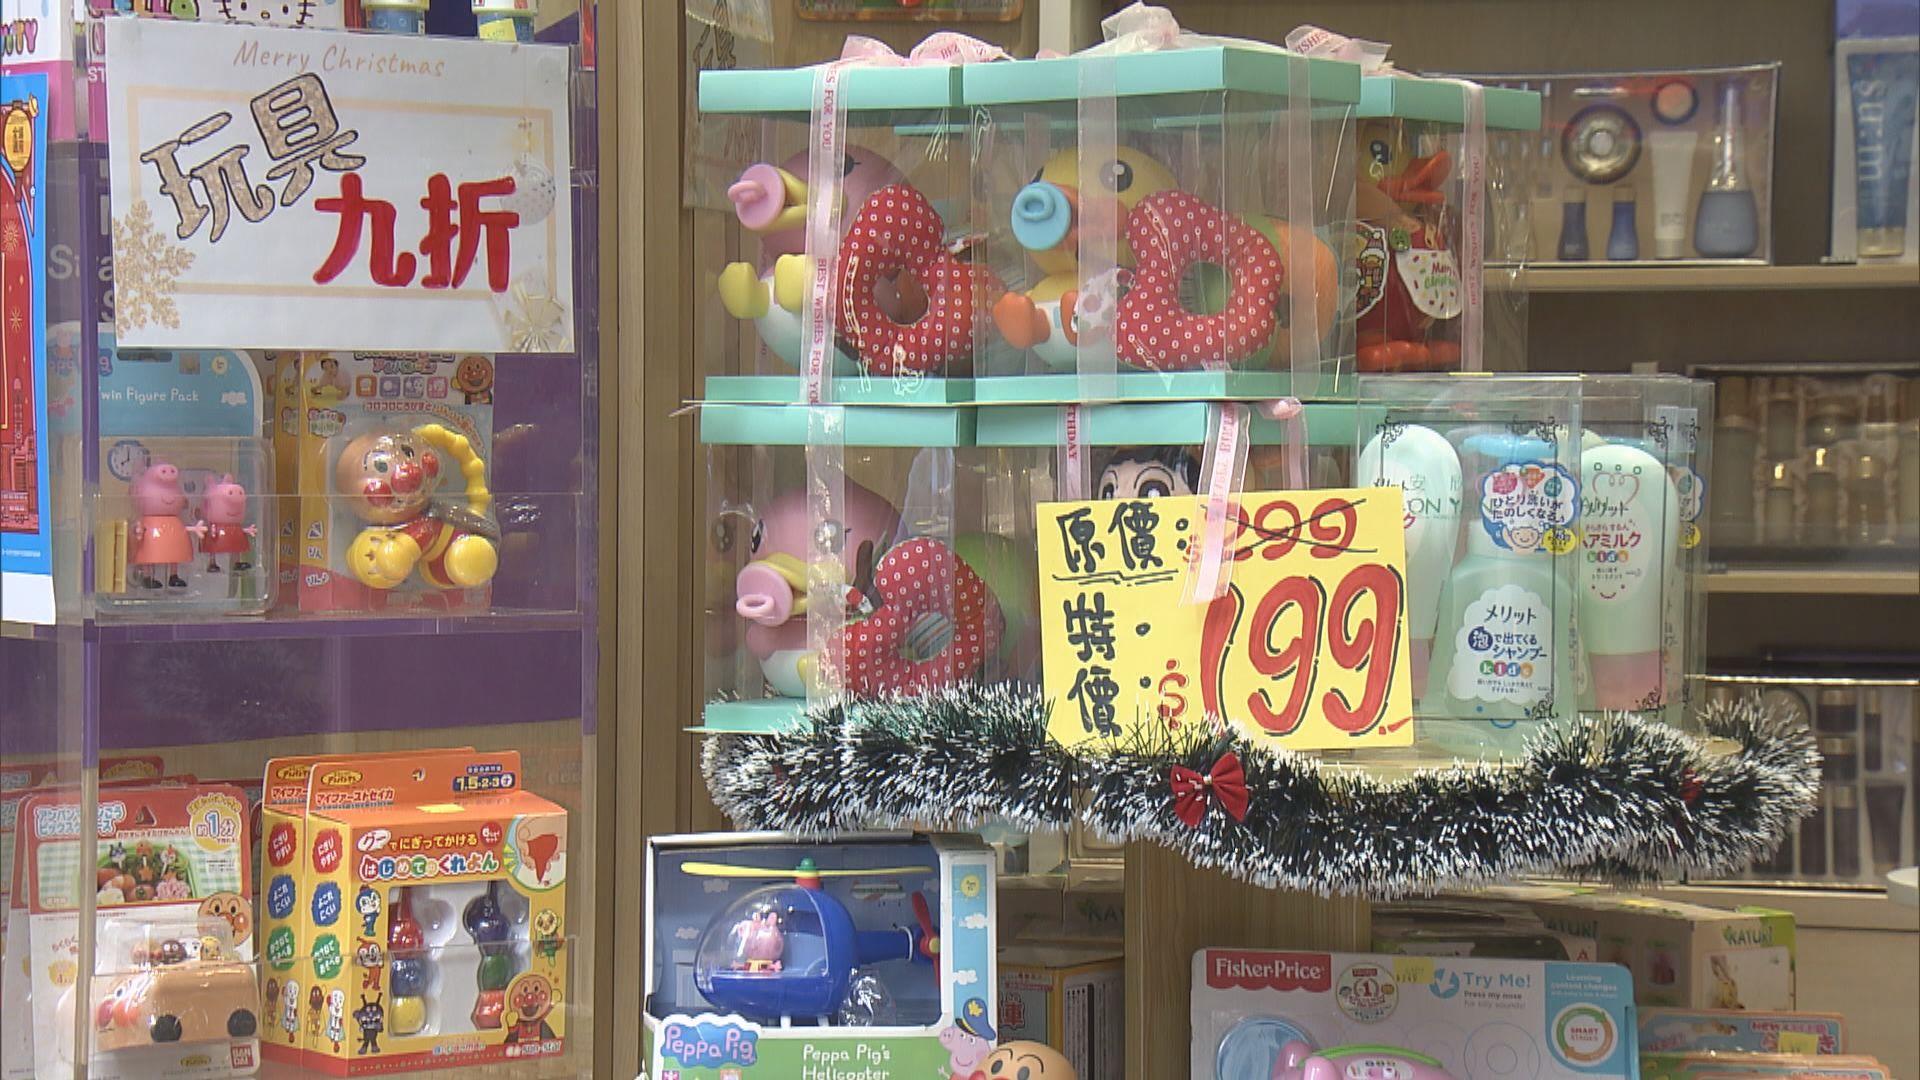 【聖誕市道】零售寒冬!商戶料聖誕假期生意額繼續慘淡